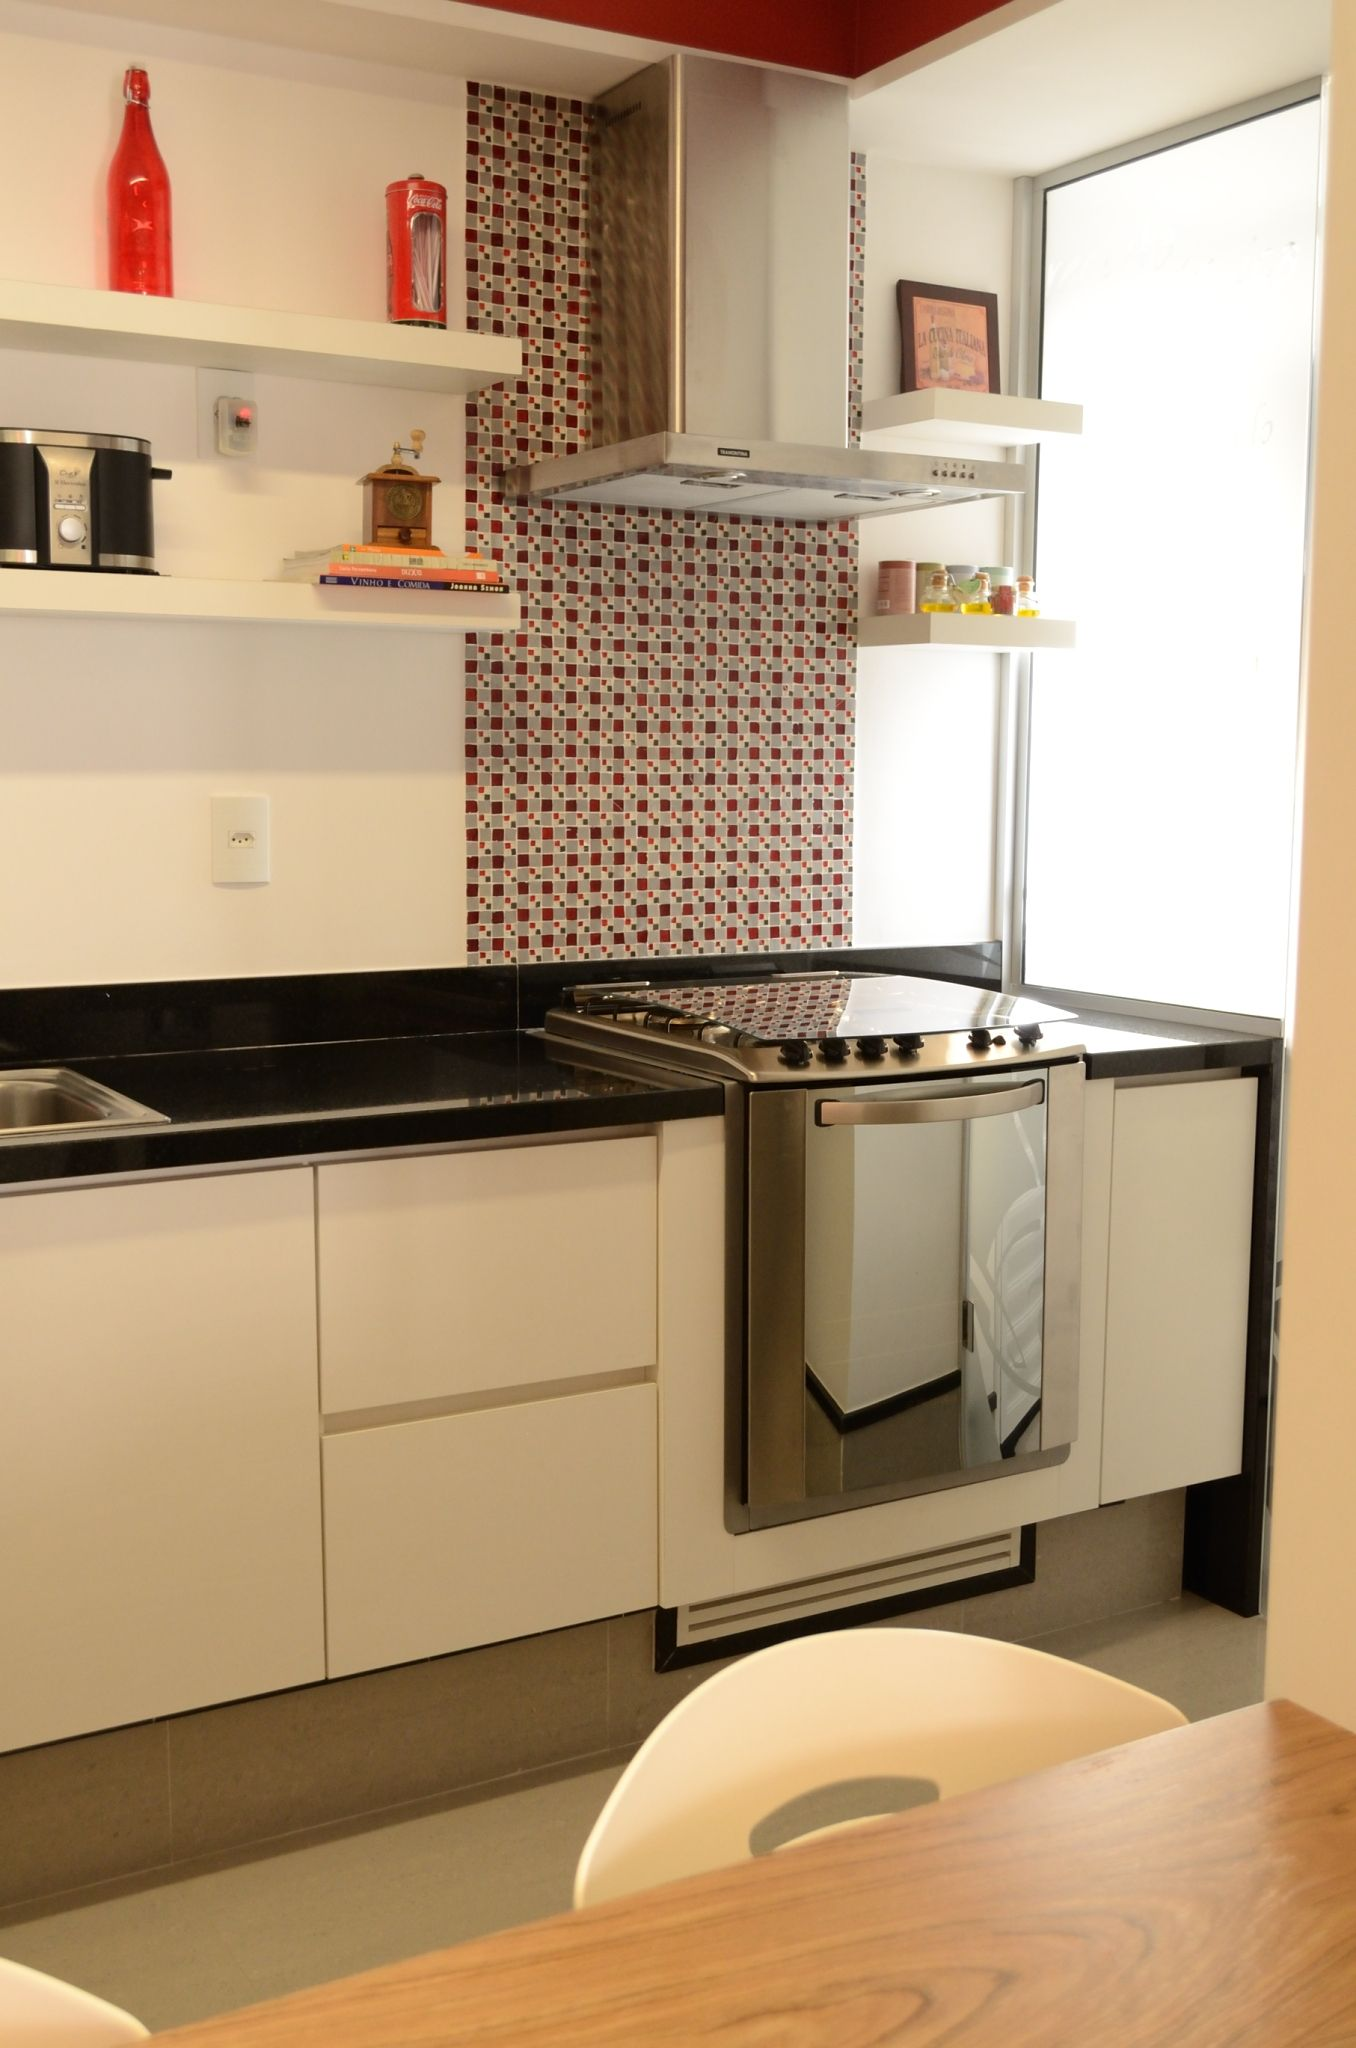 Hermosa Muebles De Cocina Pintura Gris Tiza Friso - Como Decorar la ...